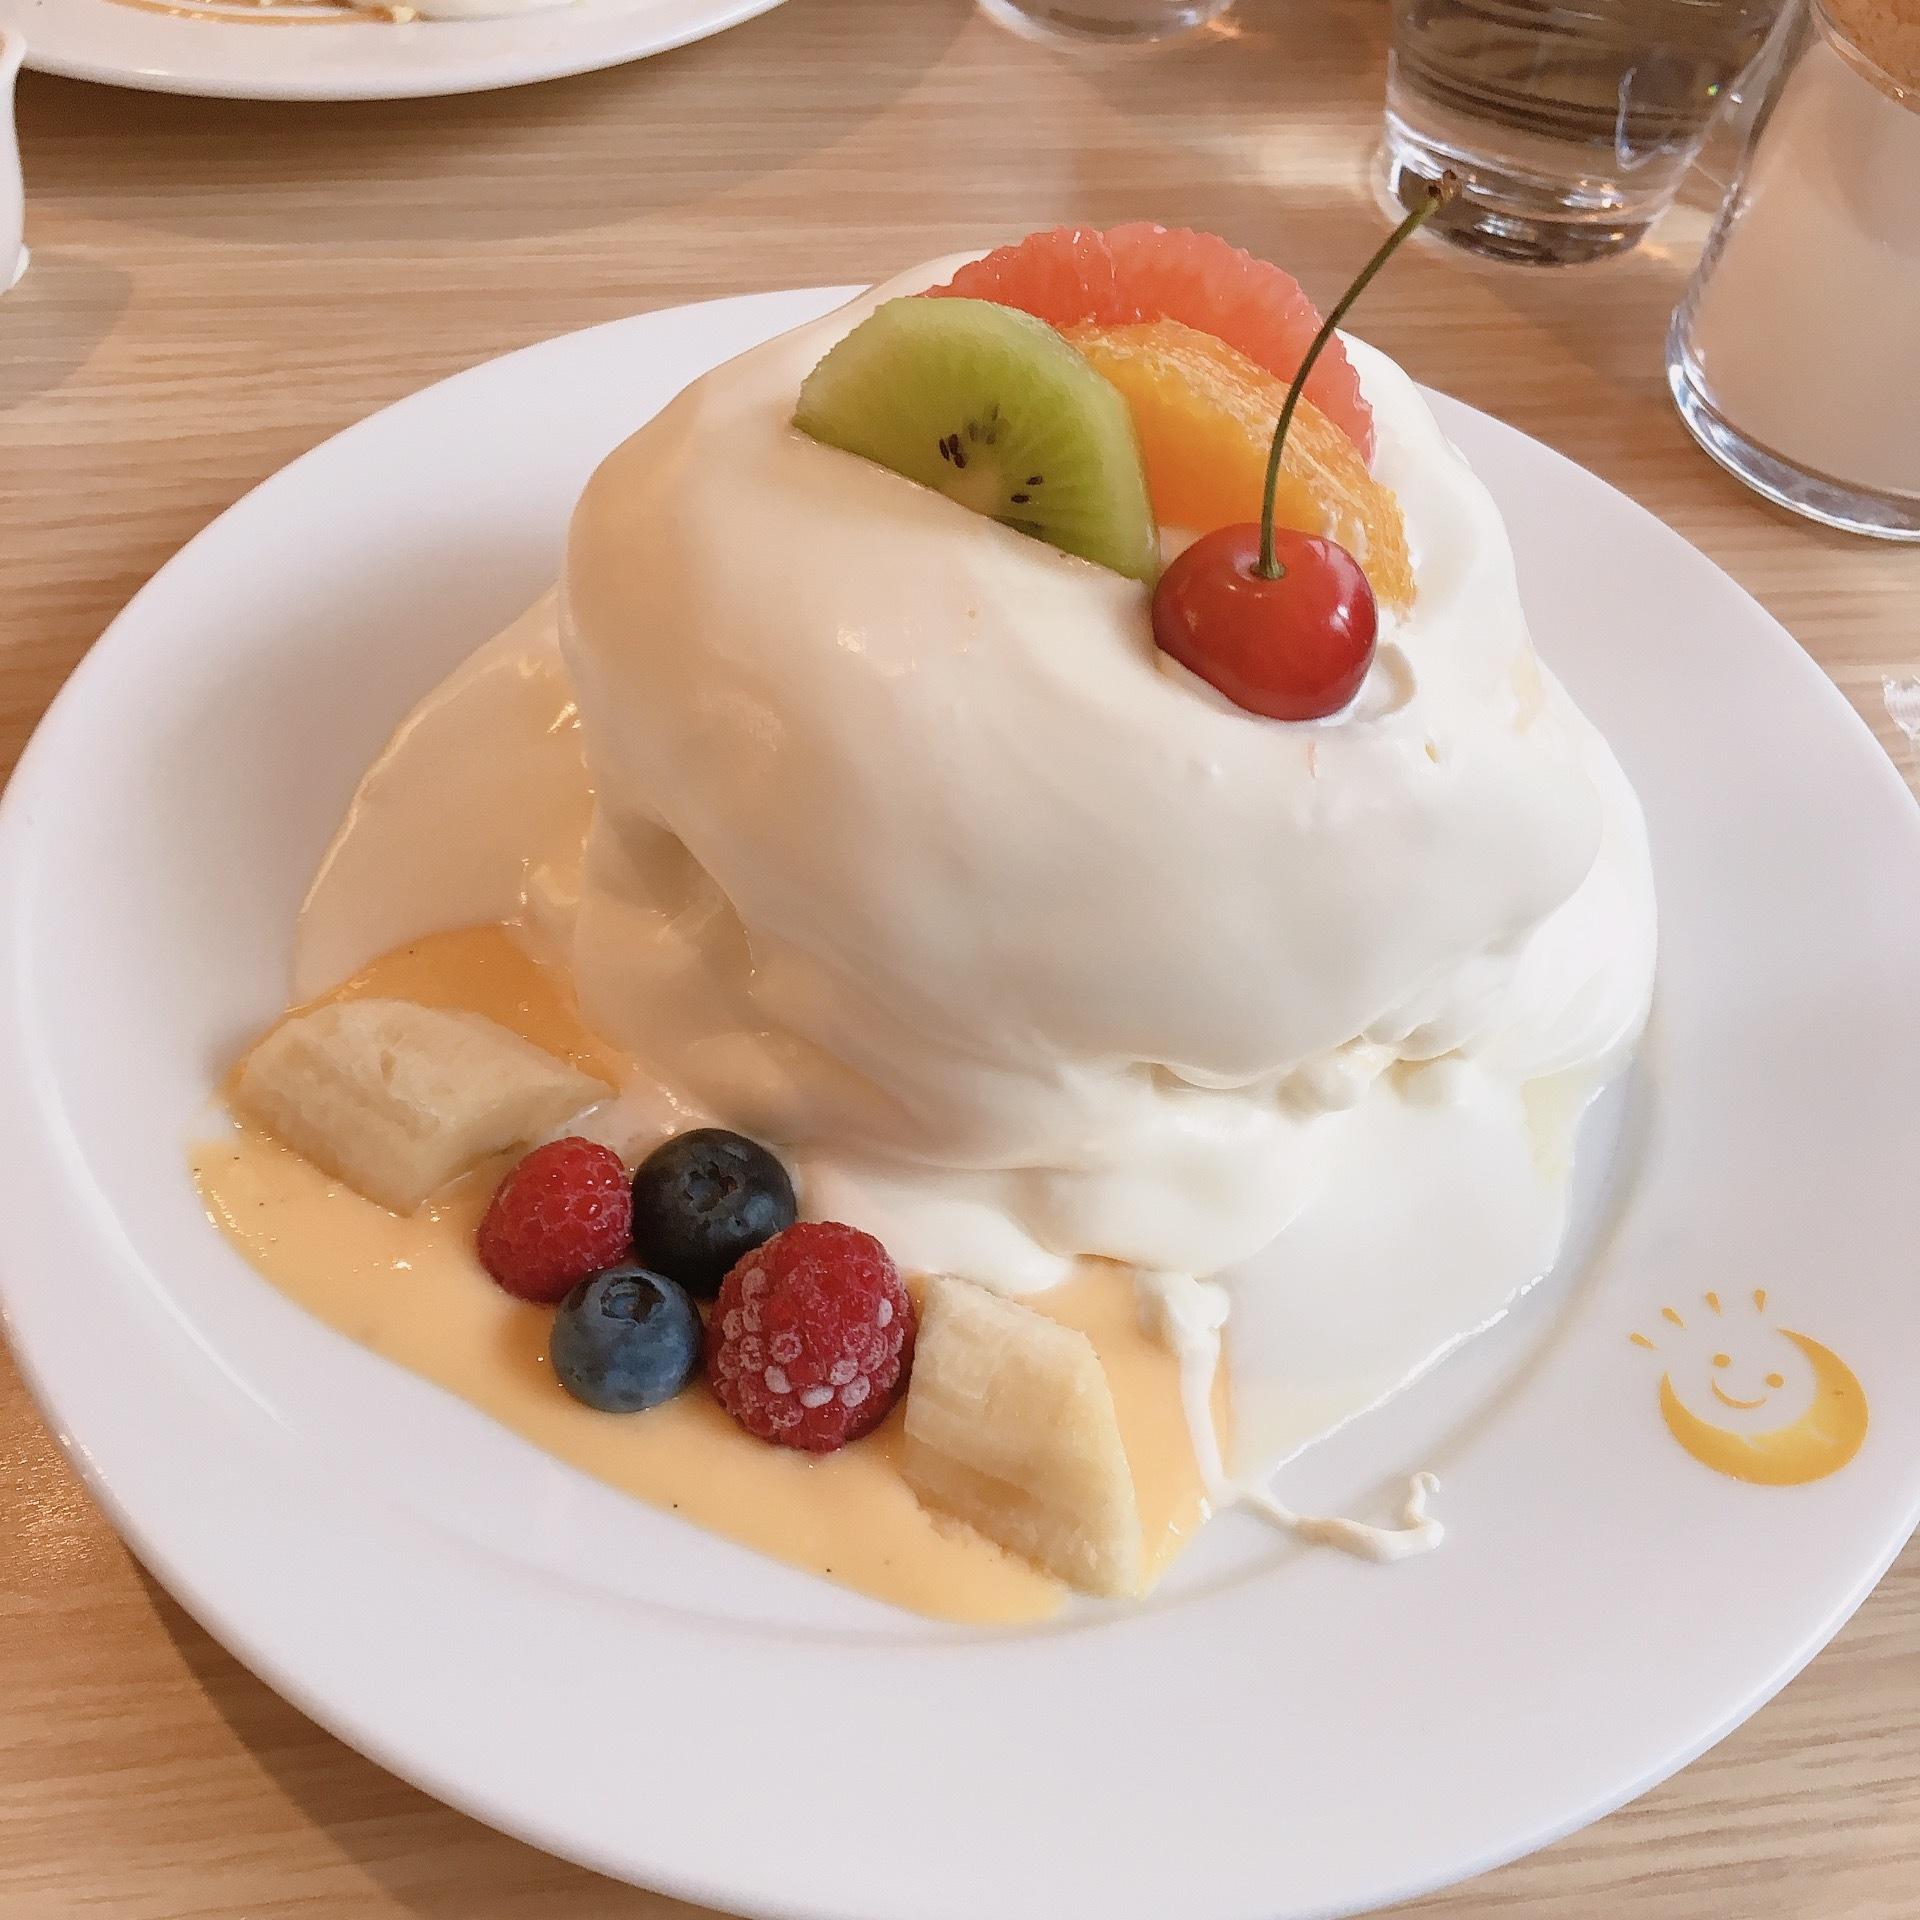 SNSで【美味しすぎる】と話題☆ 究極のパンケーキ「茶香」が凄い_1_5